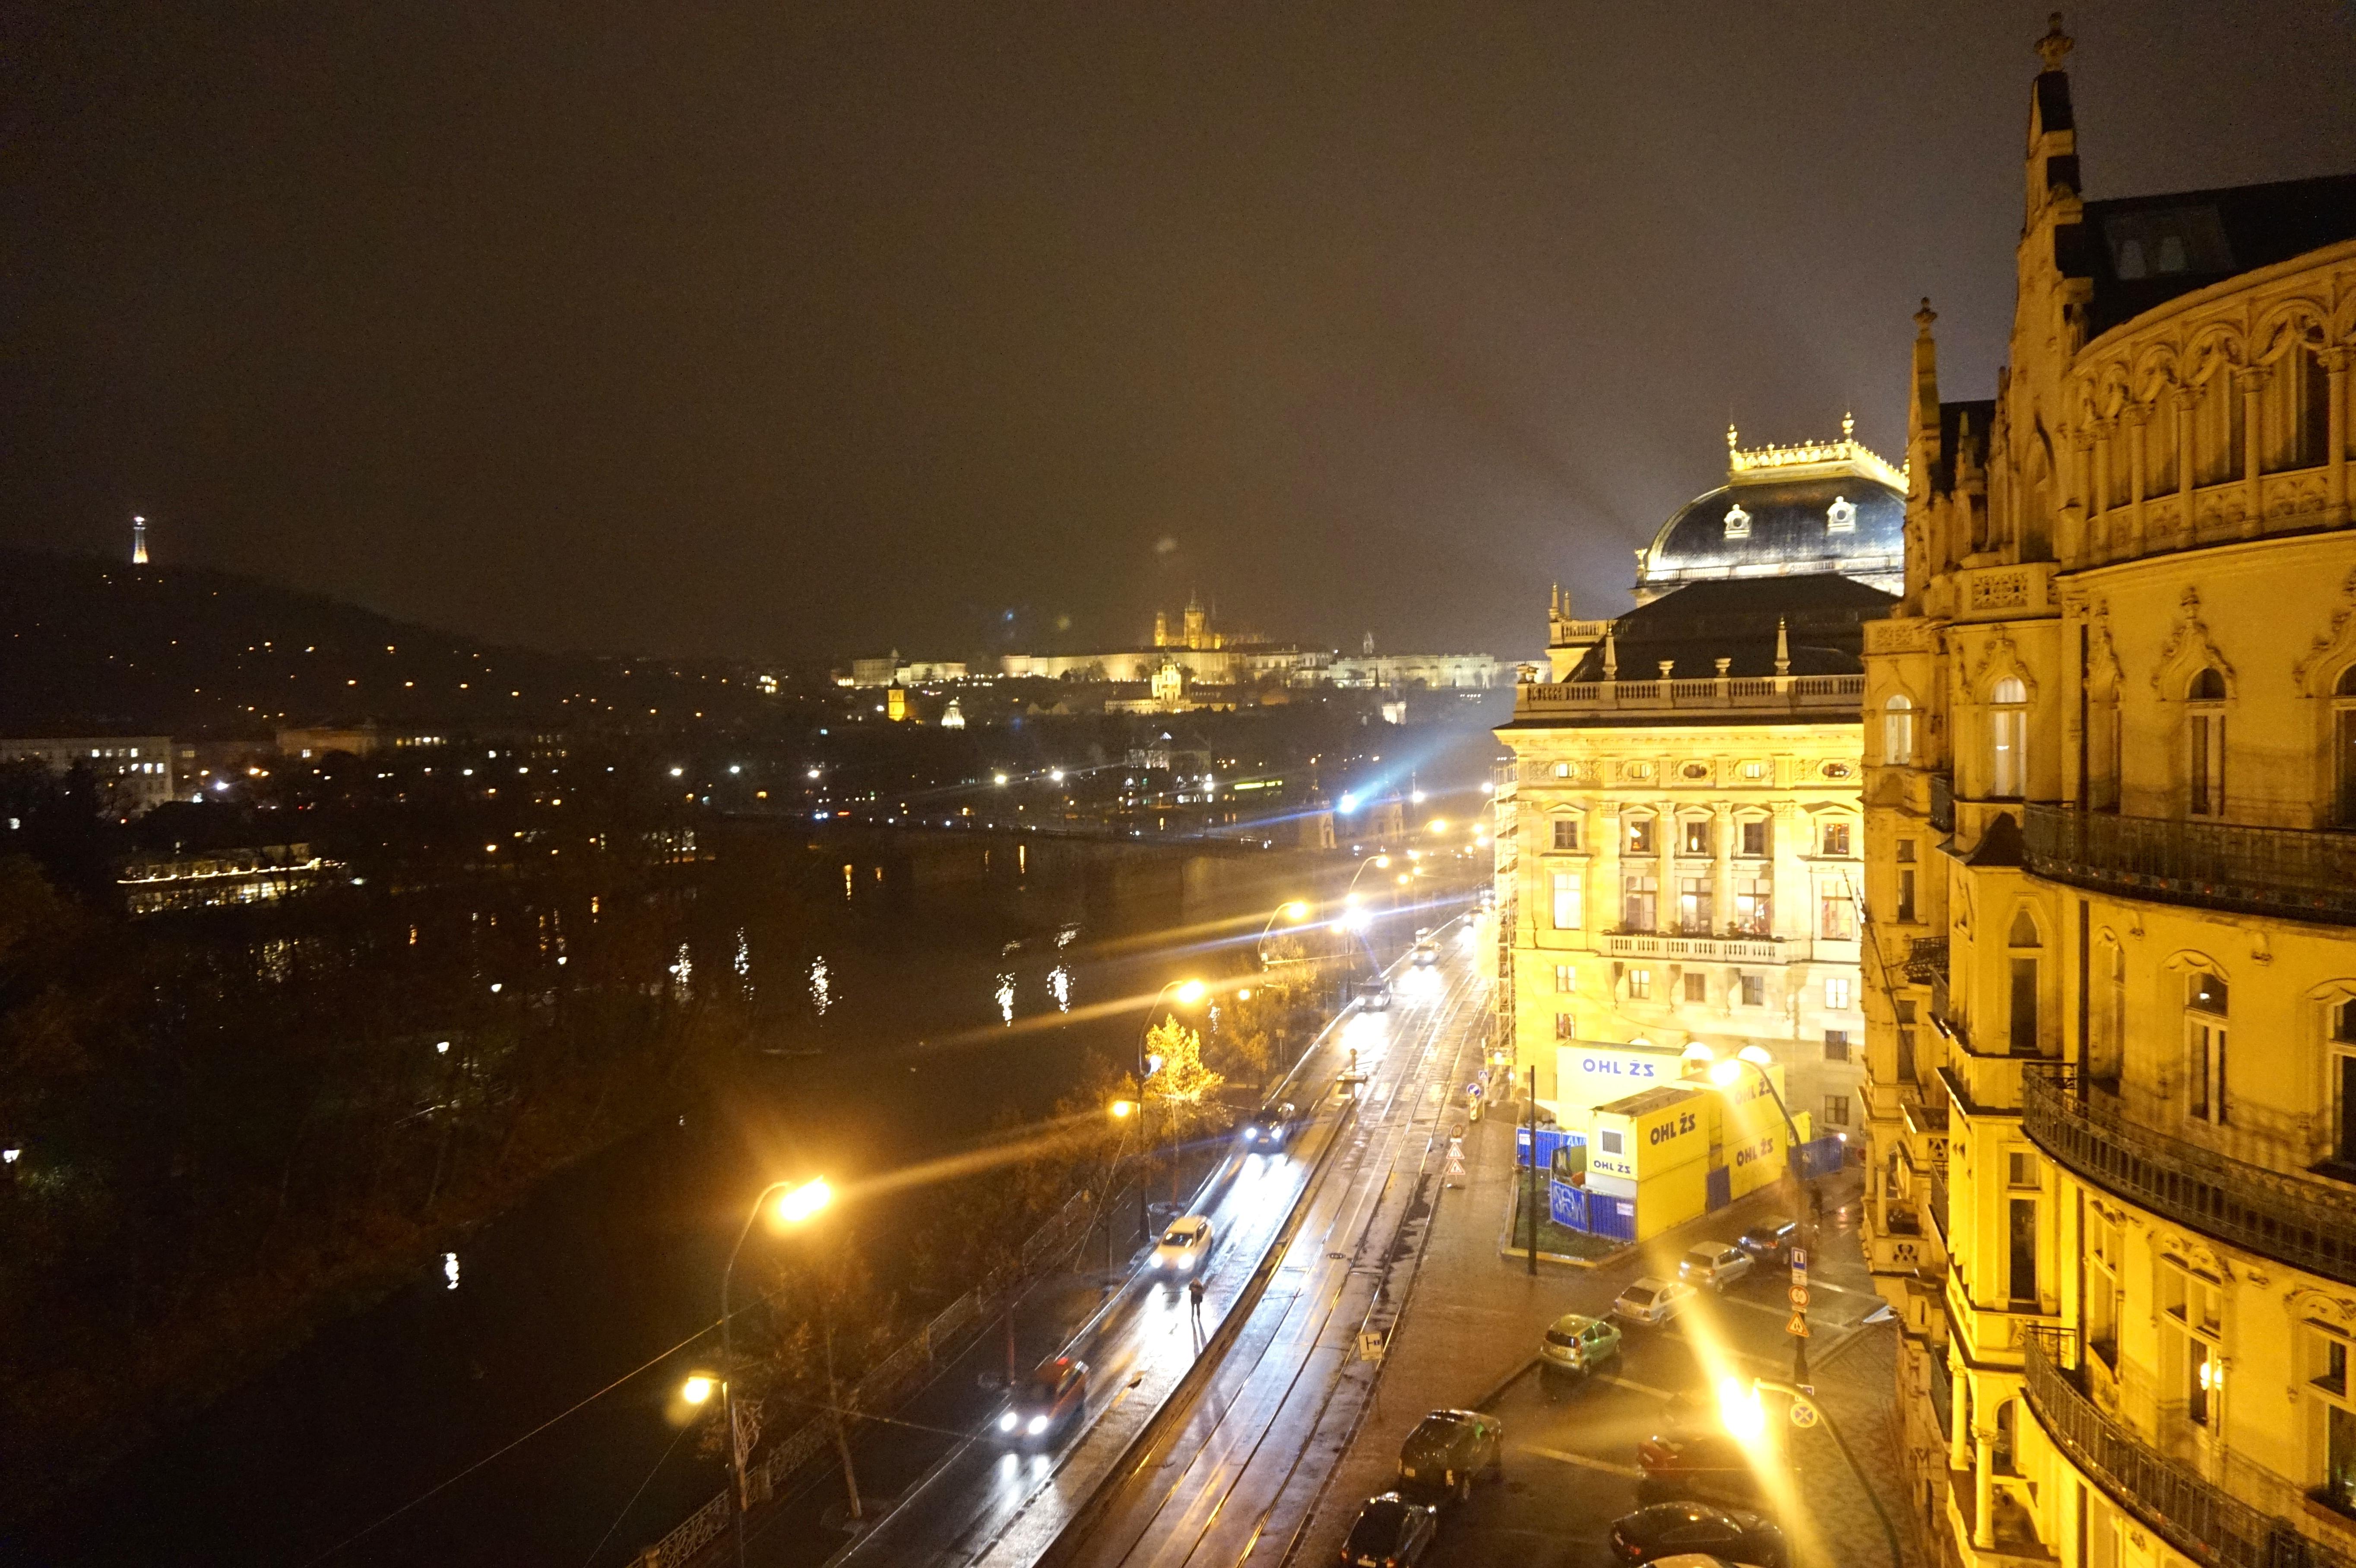 Kitschige Weihnachtsbeleuchtung.Schöne Sachen Samstag Prag Sweet Prag Venus In Echt